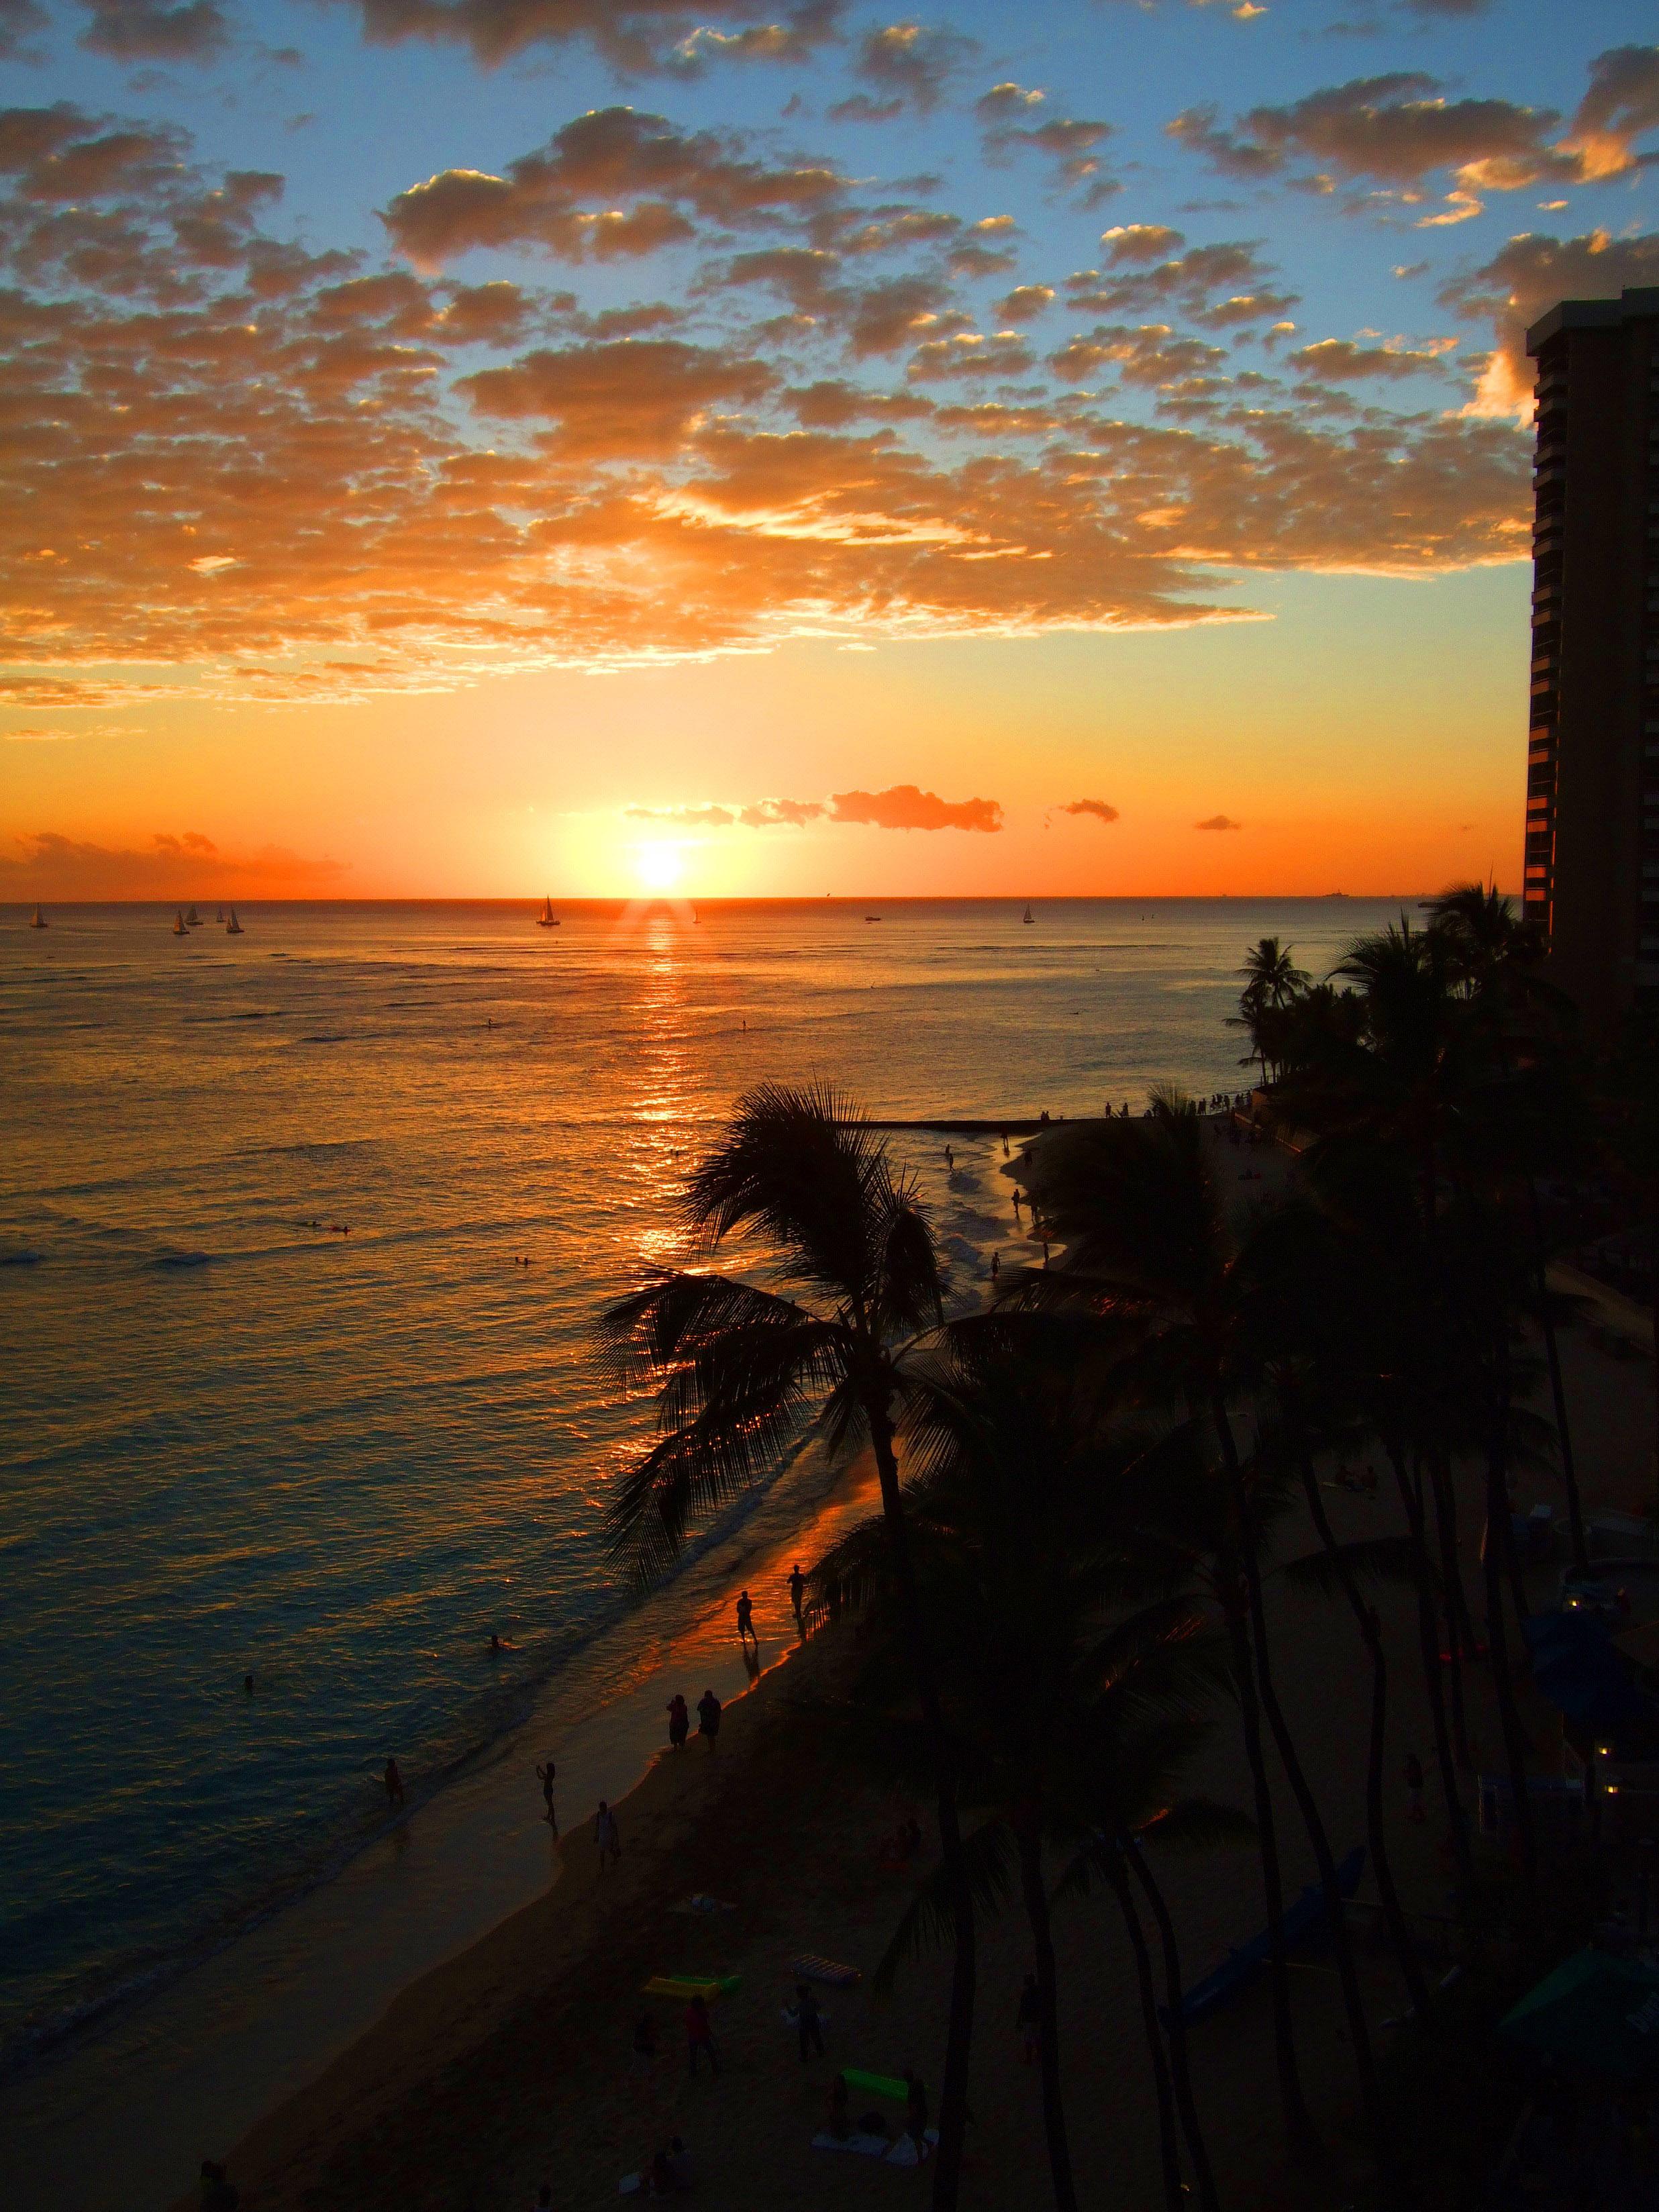 sunset-on-waikiki-beach-in-honolulu-hawaii.jpg